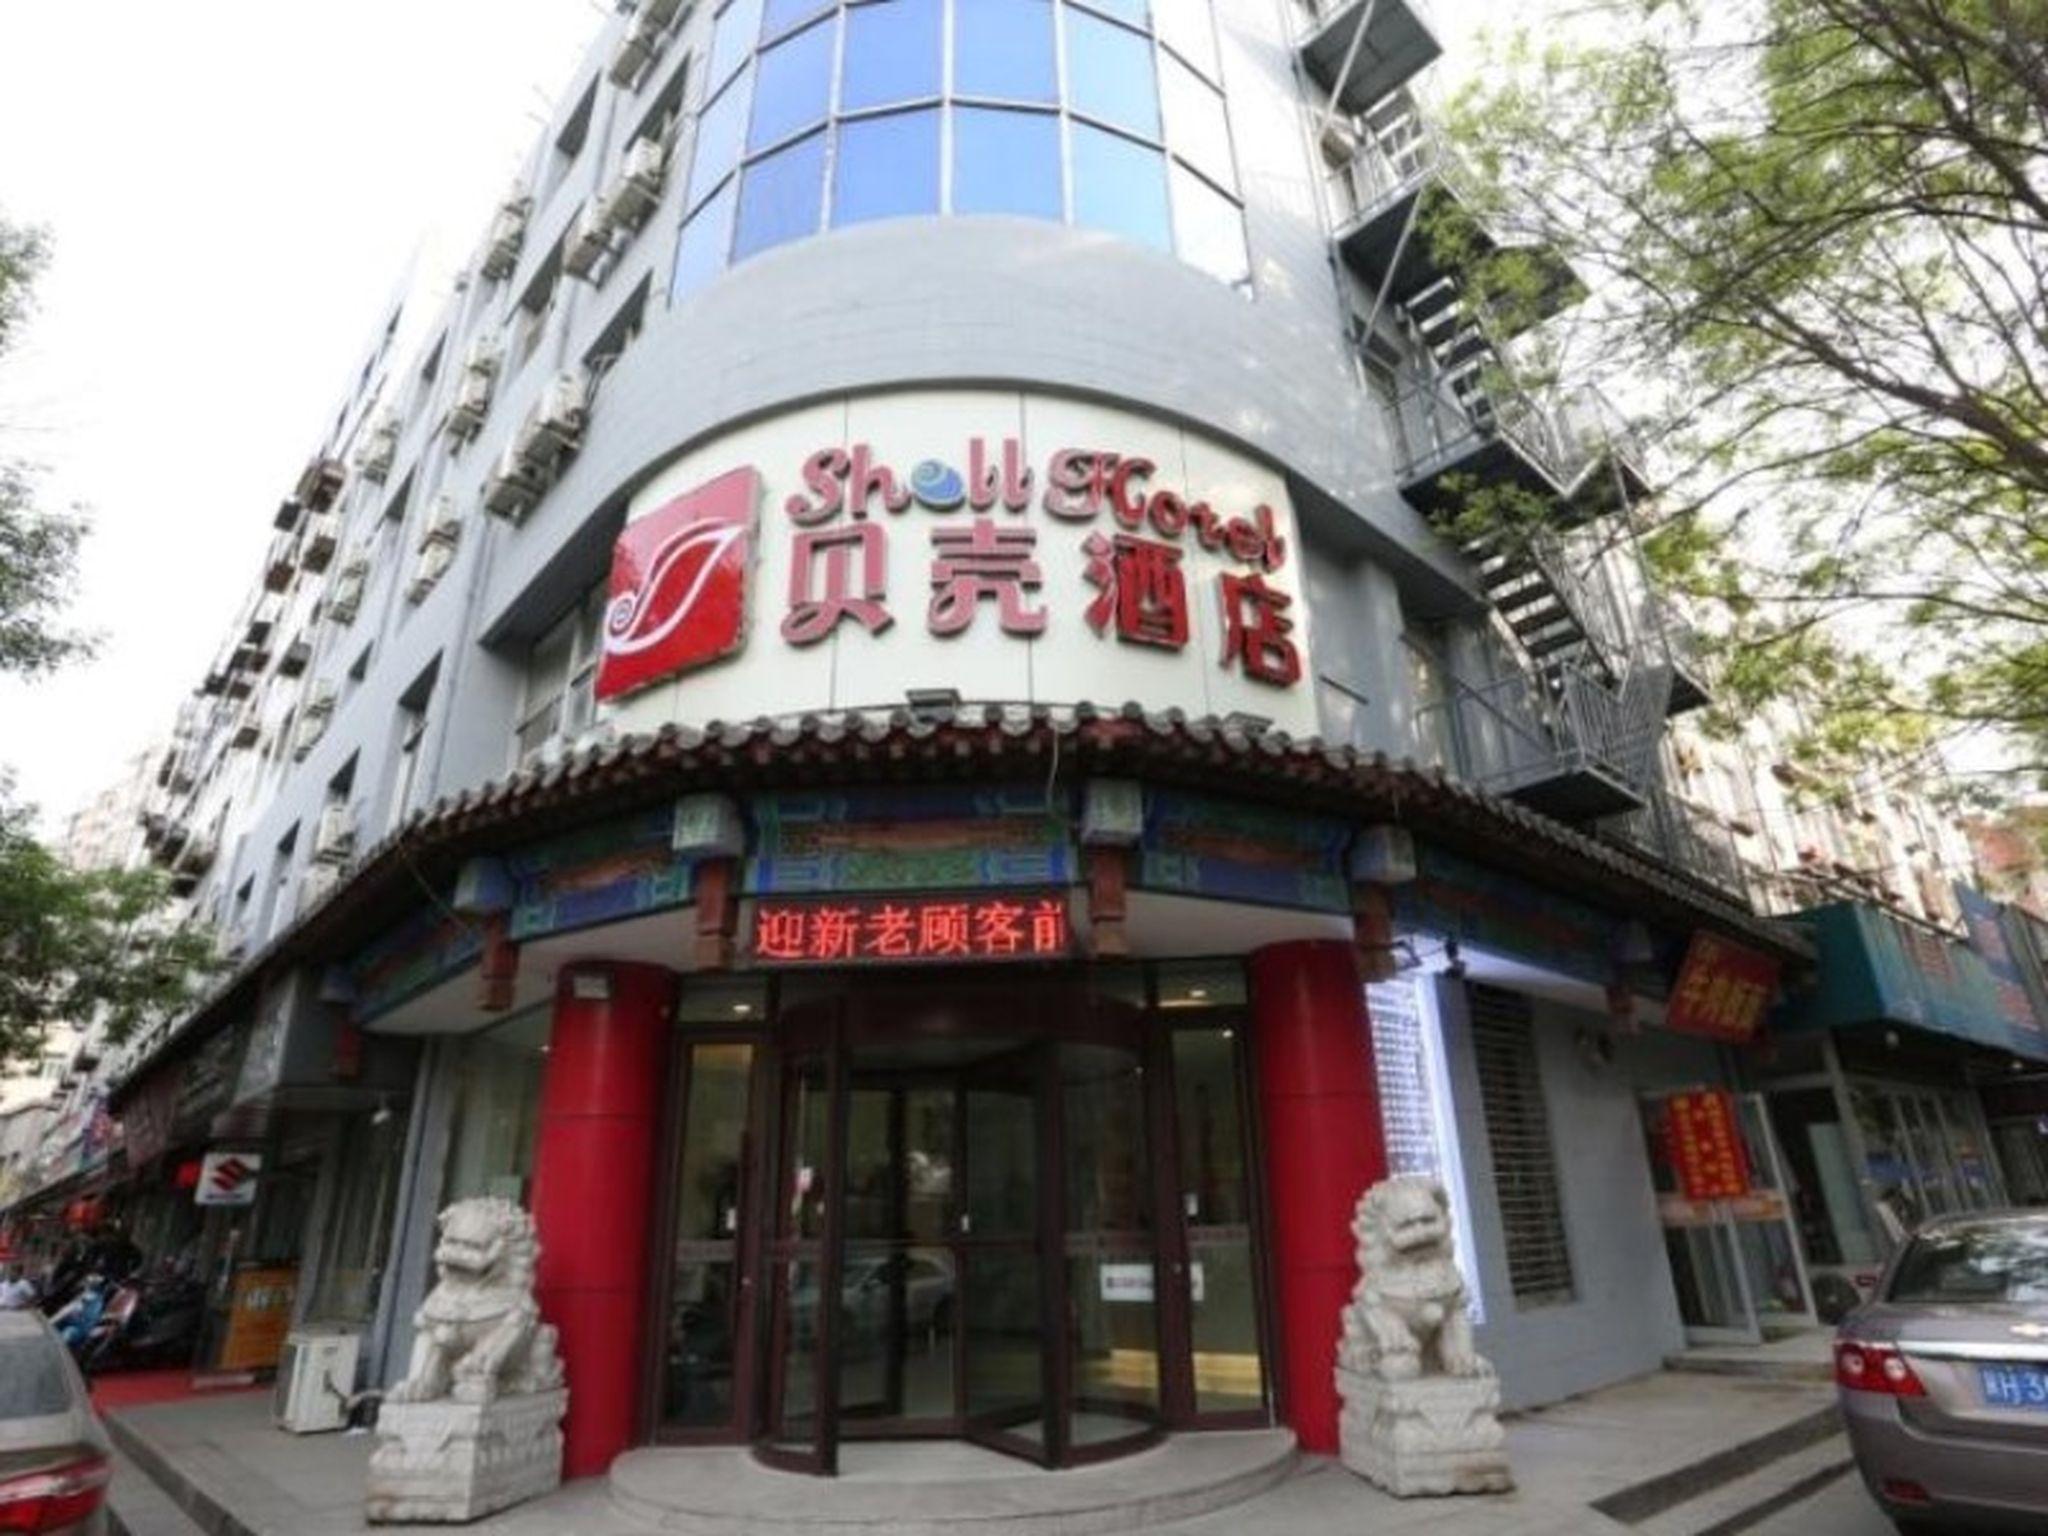 Shell Chengde Shuangqiao District Mountain Resort ErPai Building Hotel, Chengde